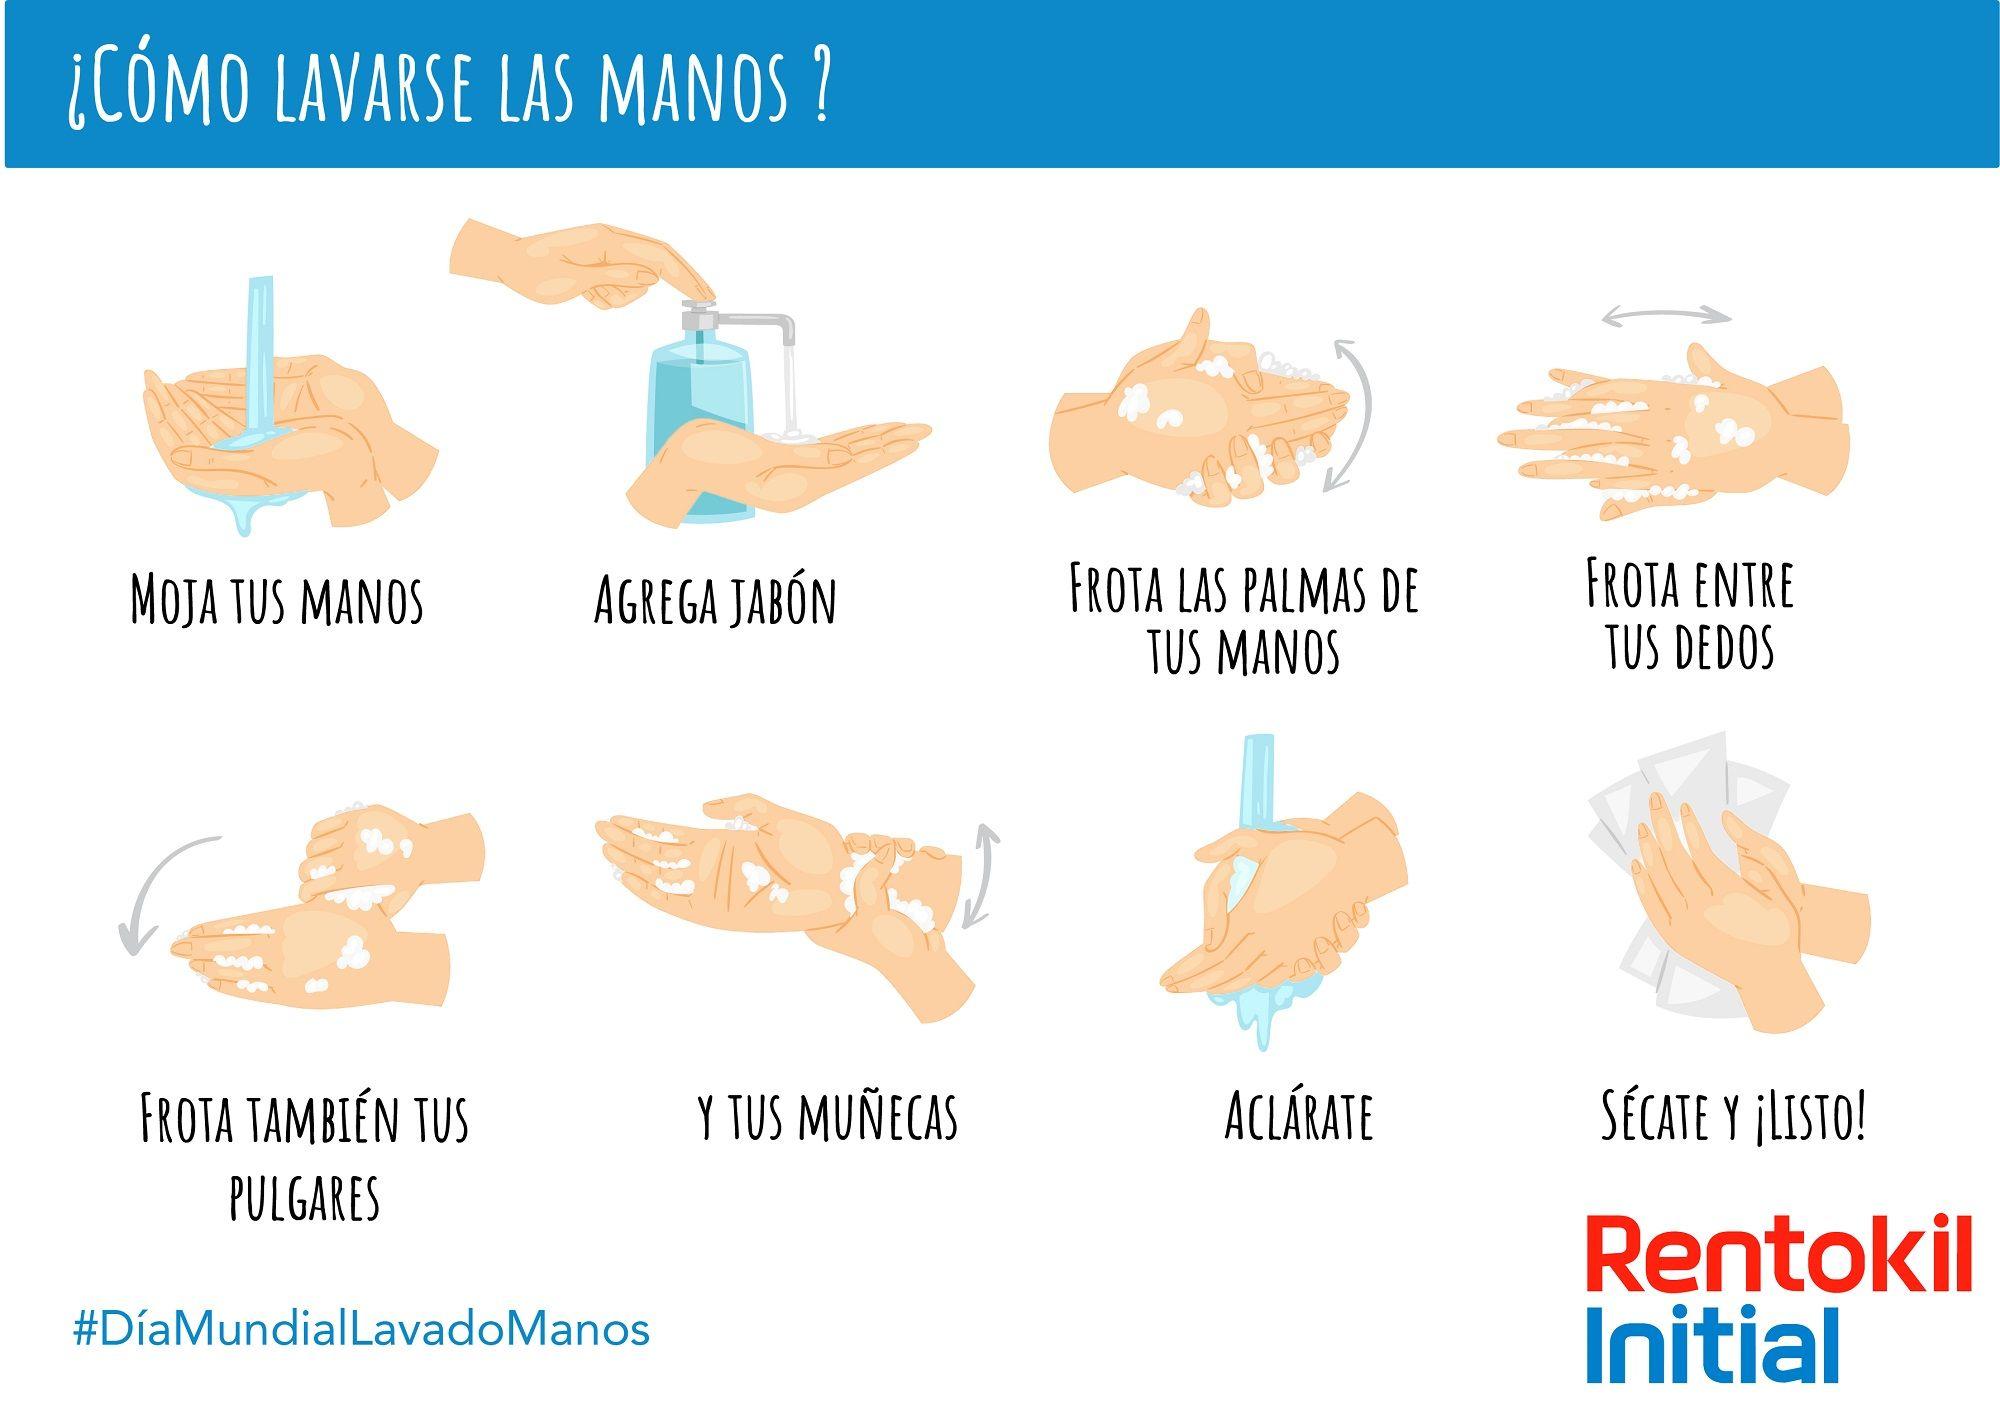 rentokil día mundial lavado manos limpias son